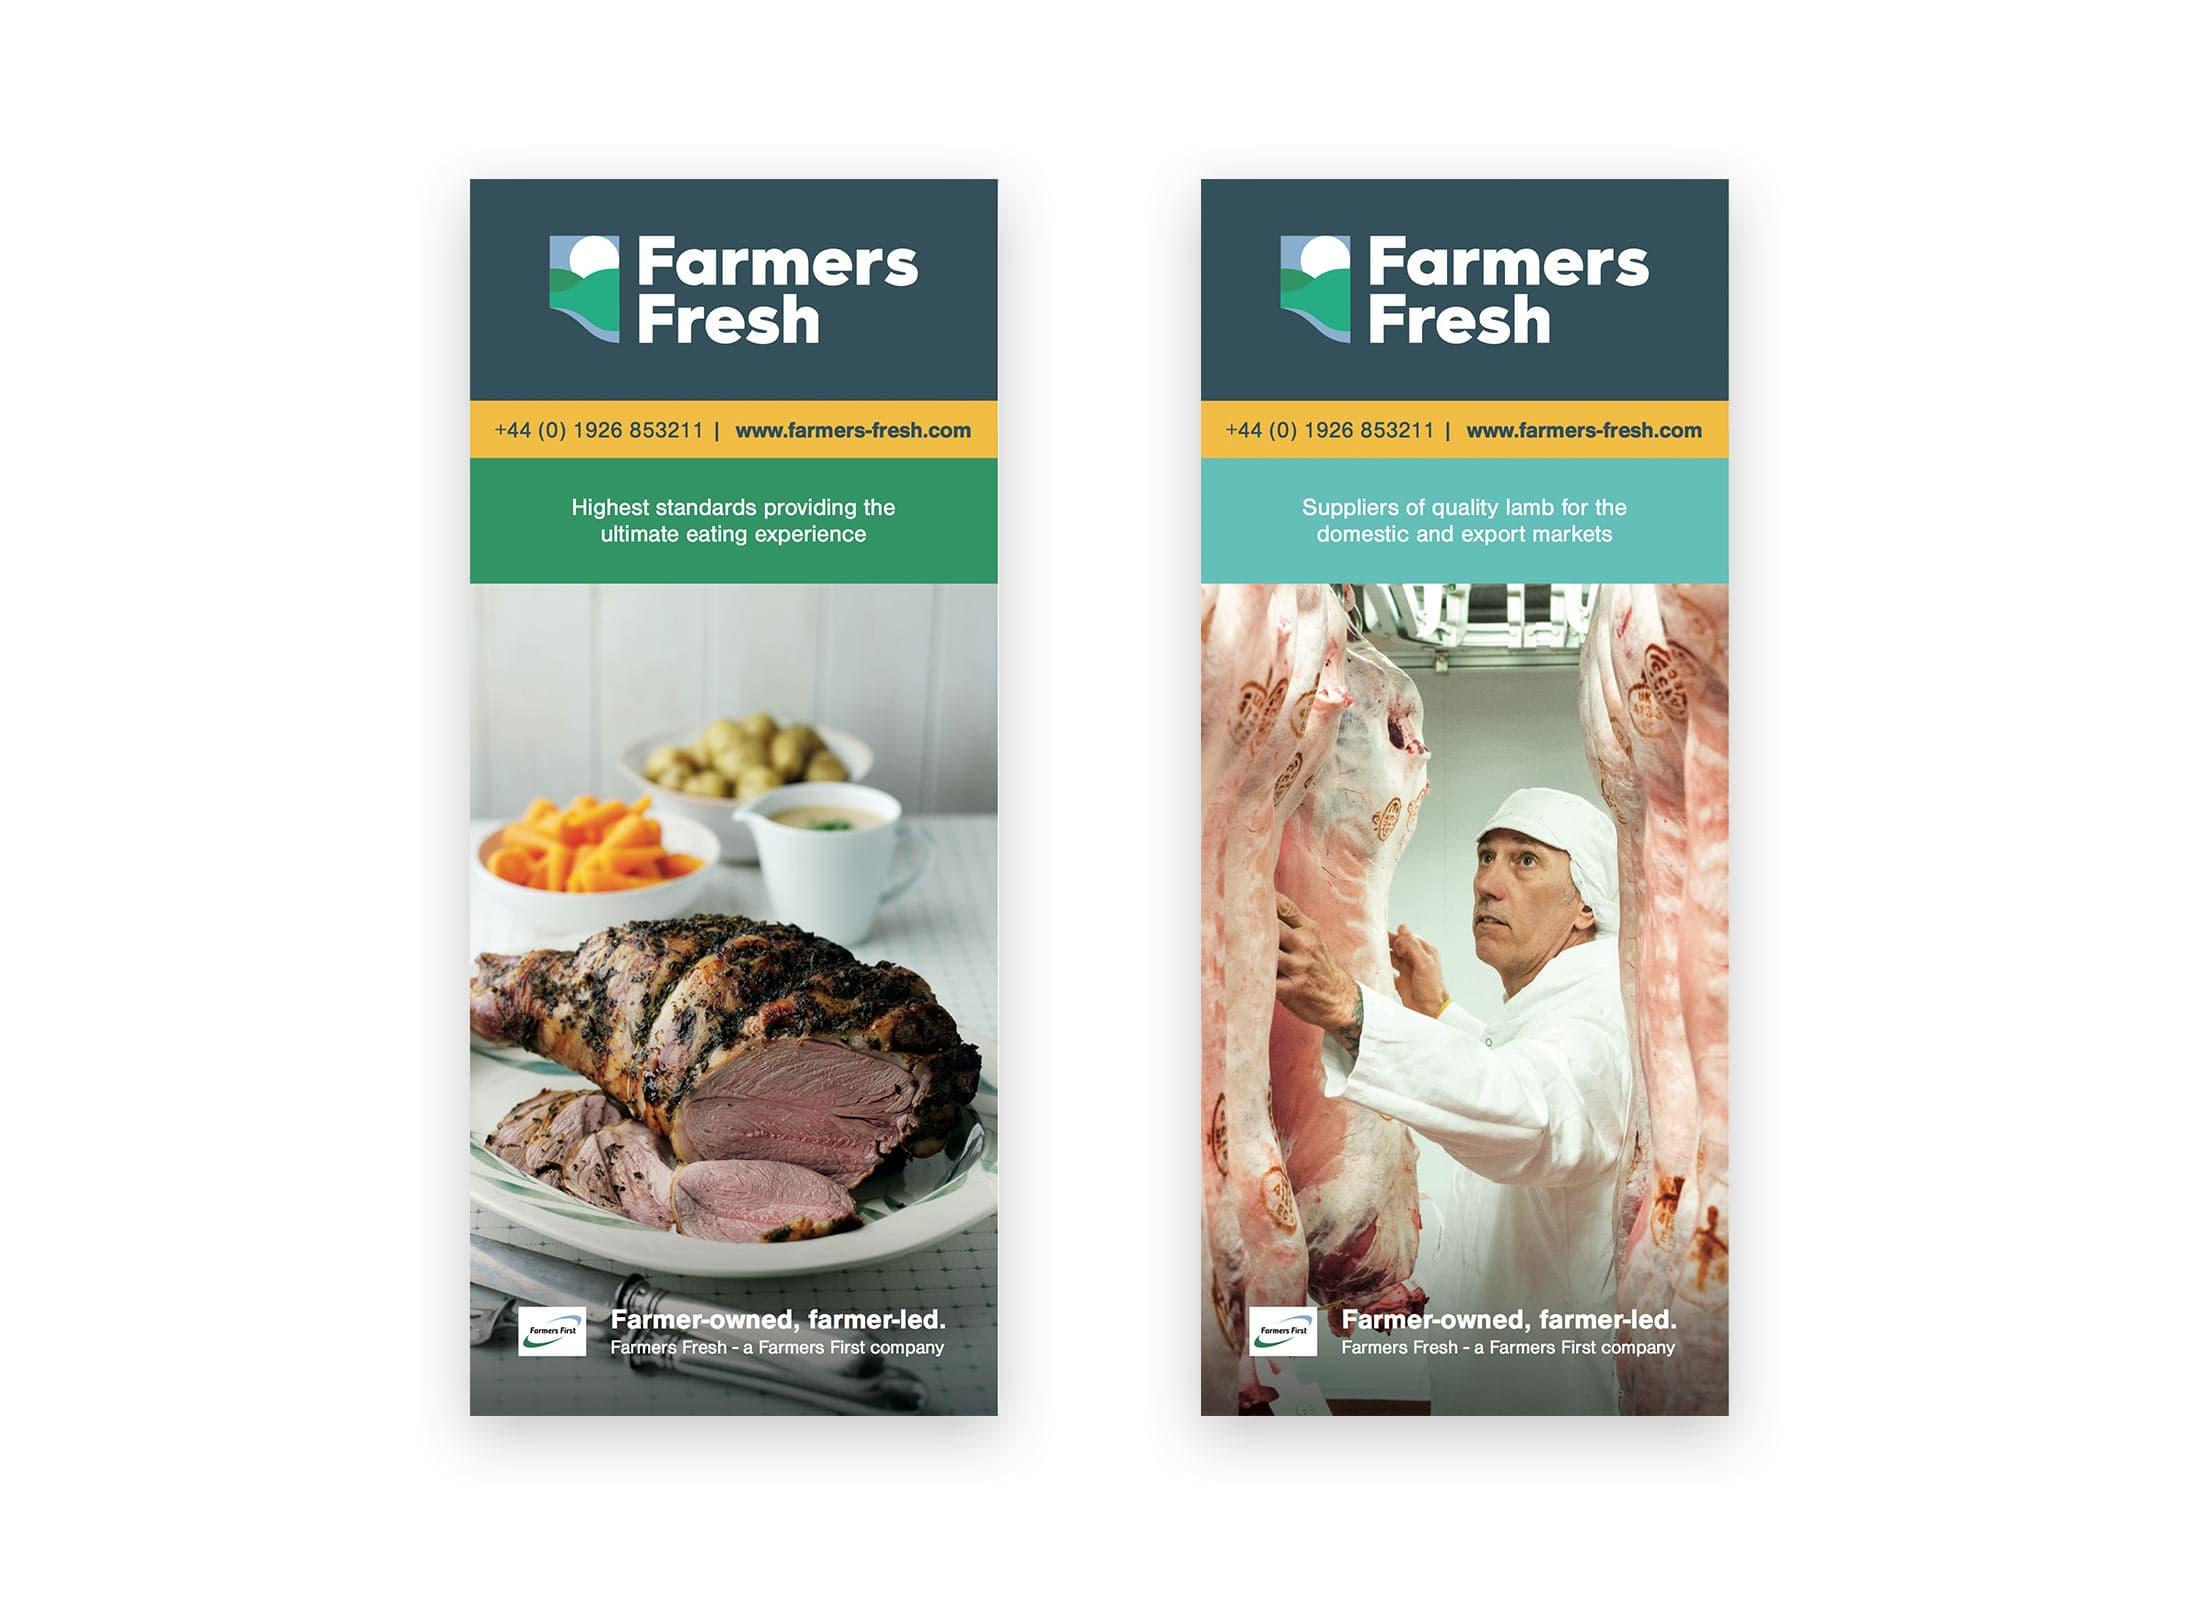 Farmers Fresh